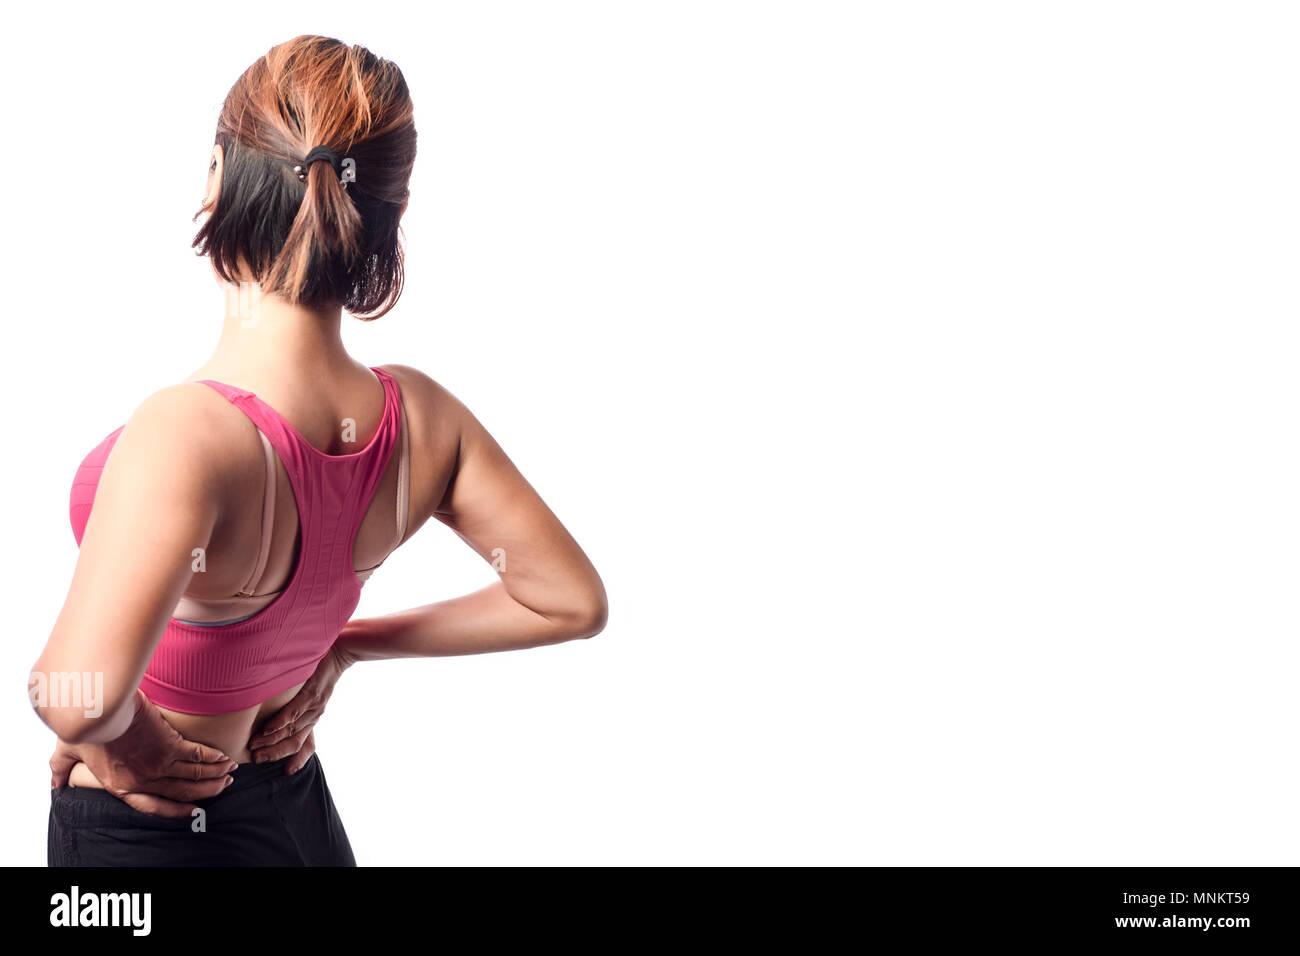 Ziemlich Muskel Im Rücken Fotos - Anatomie Ideen - finotti.info